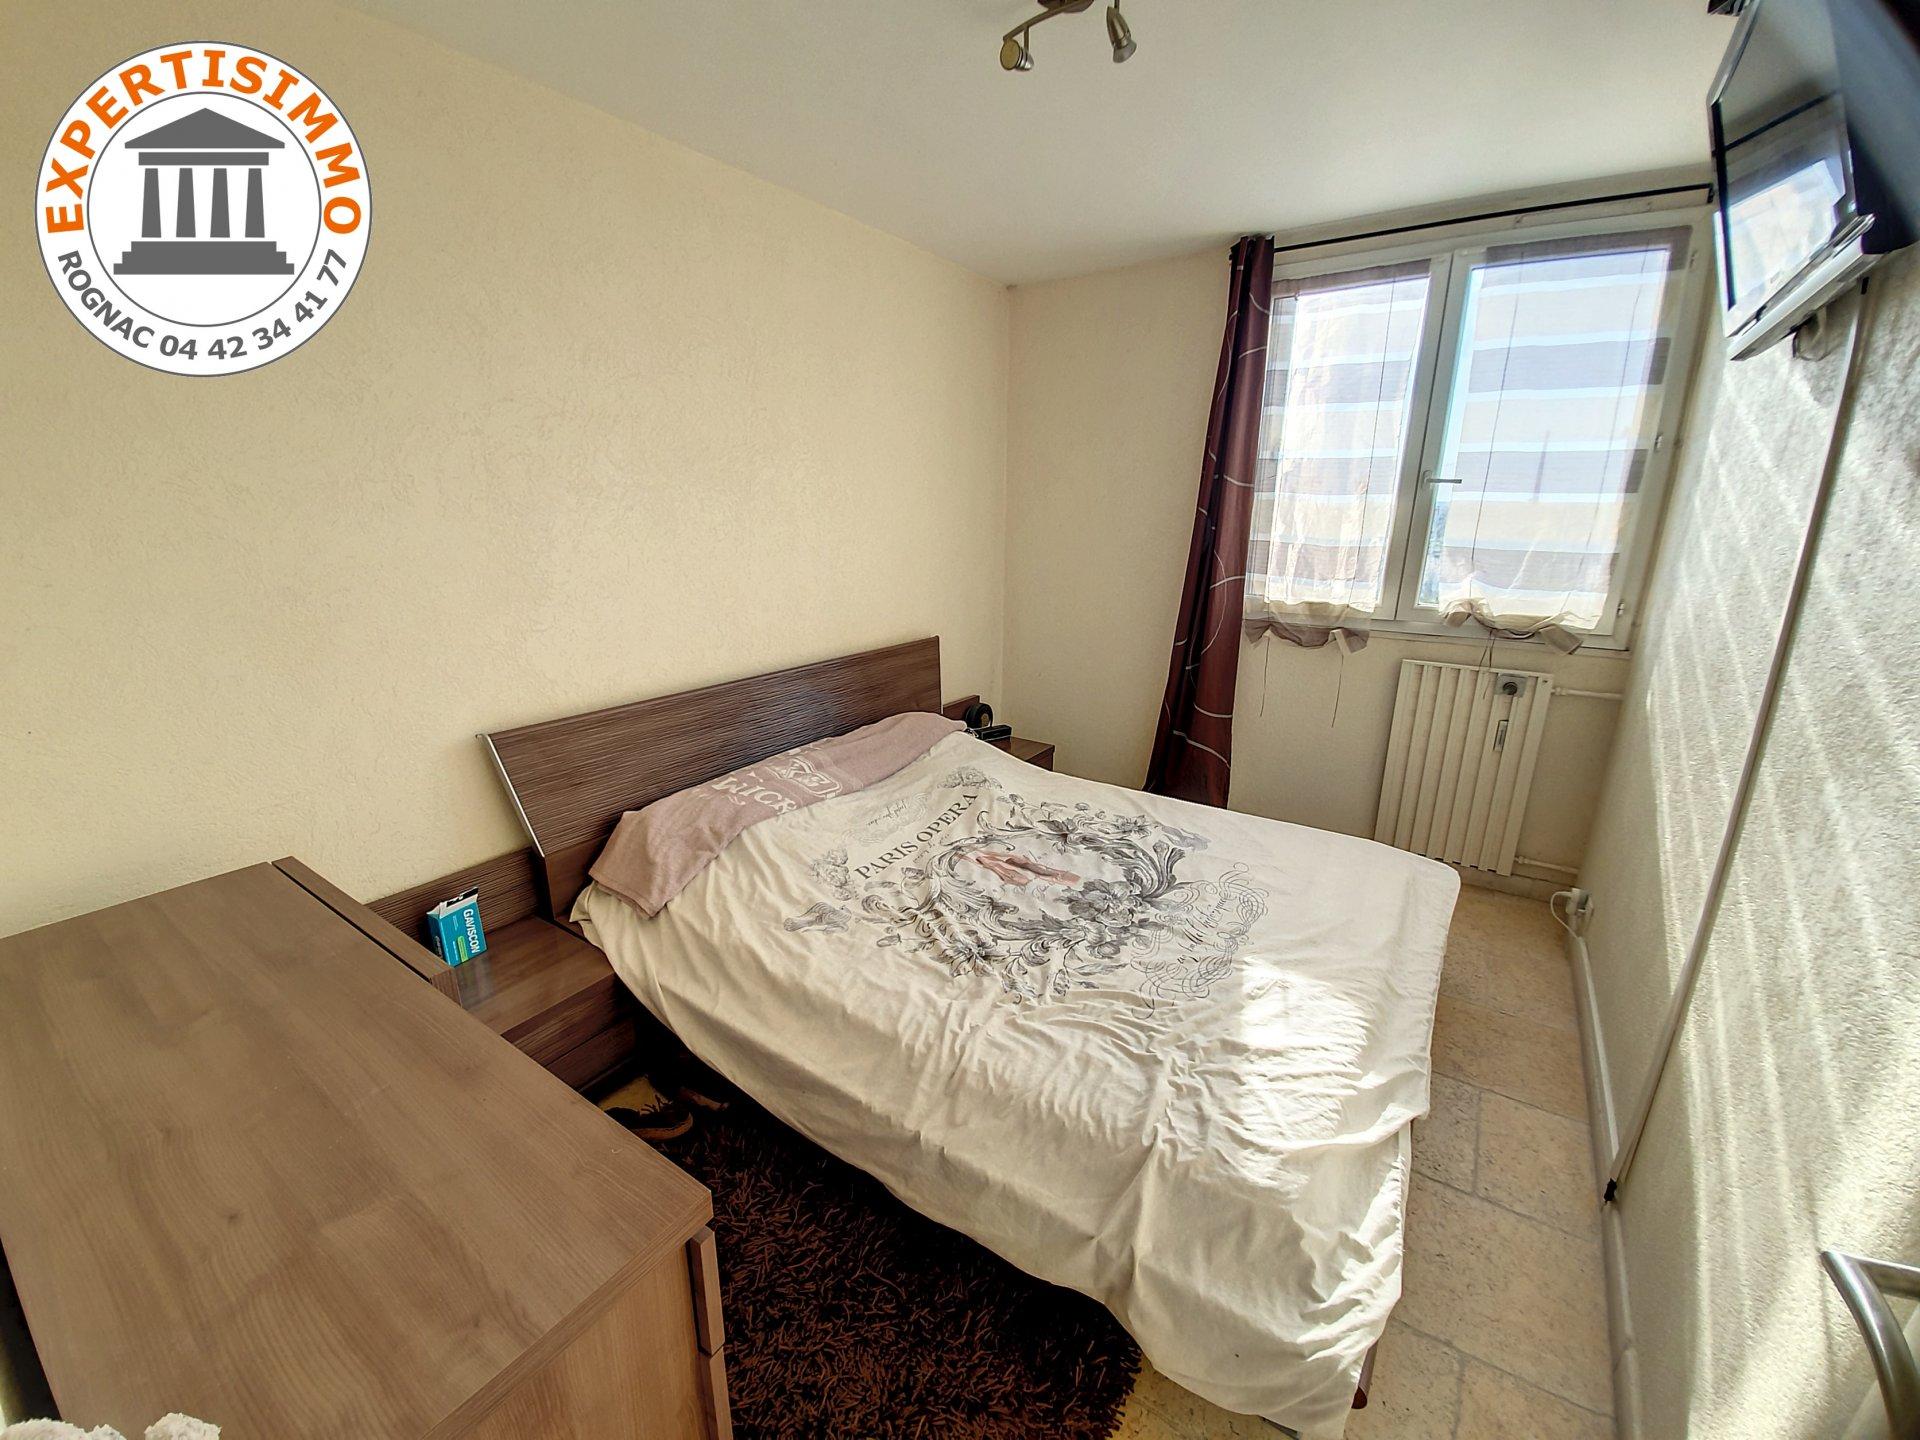 ROGNAC Appartement Type 3, 1er étage